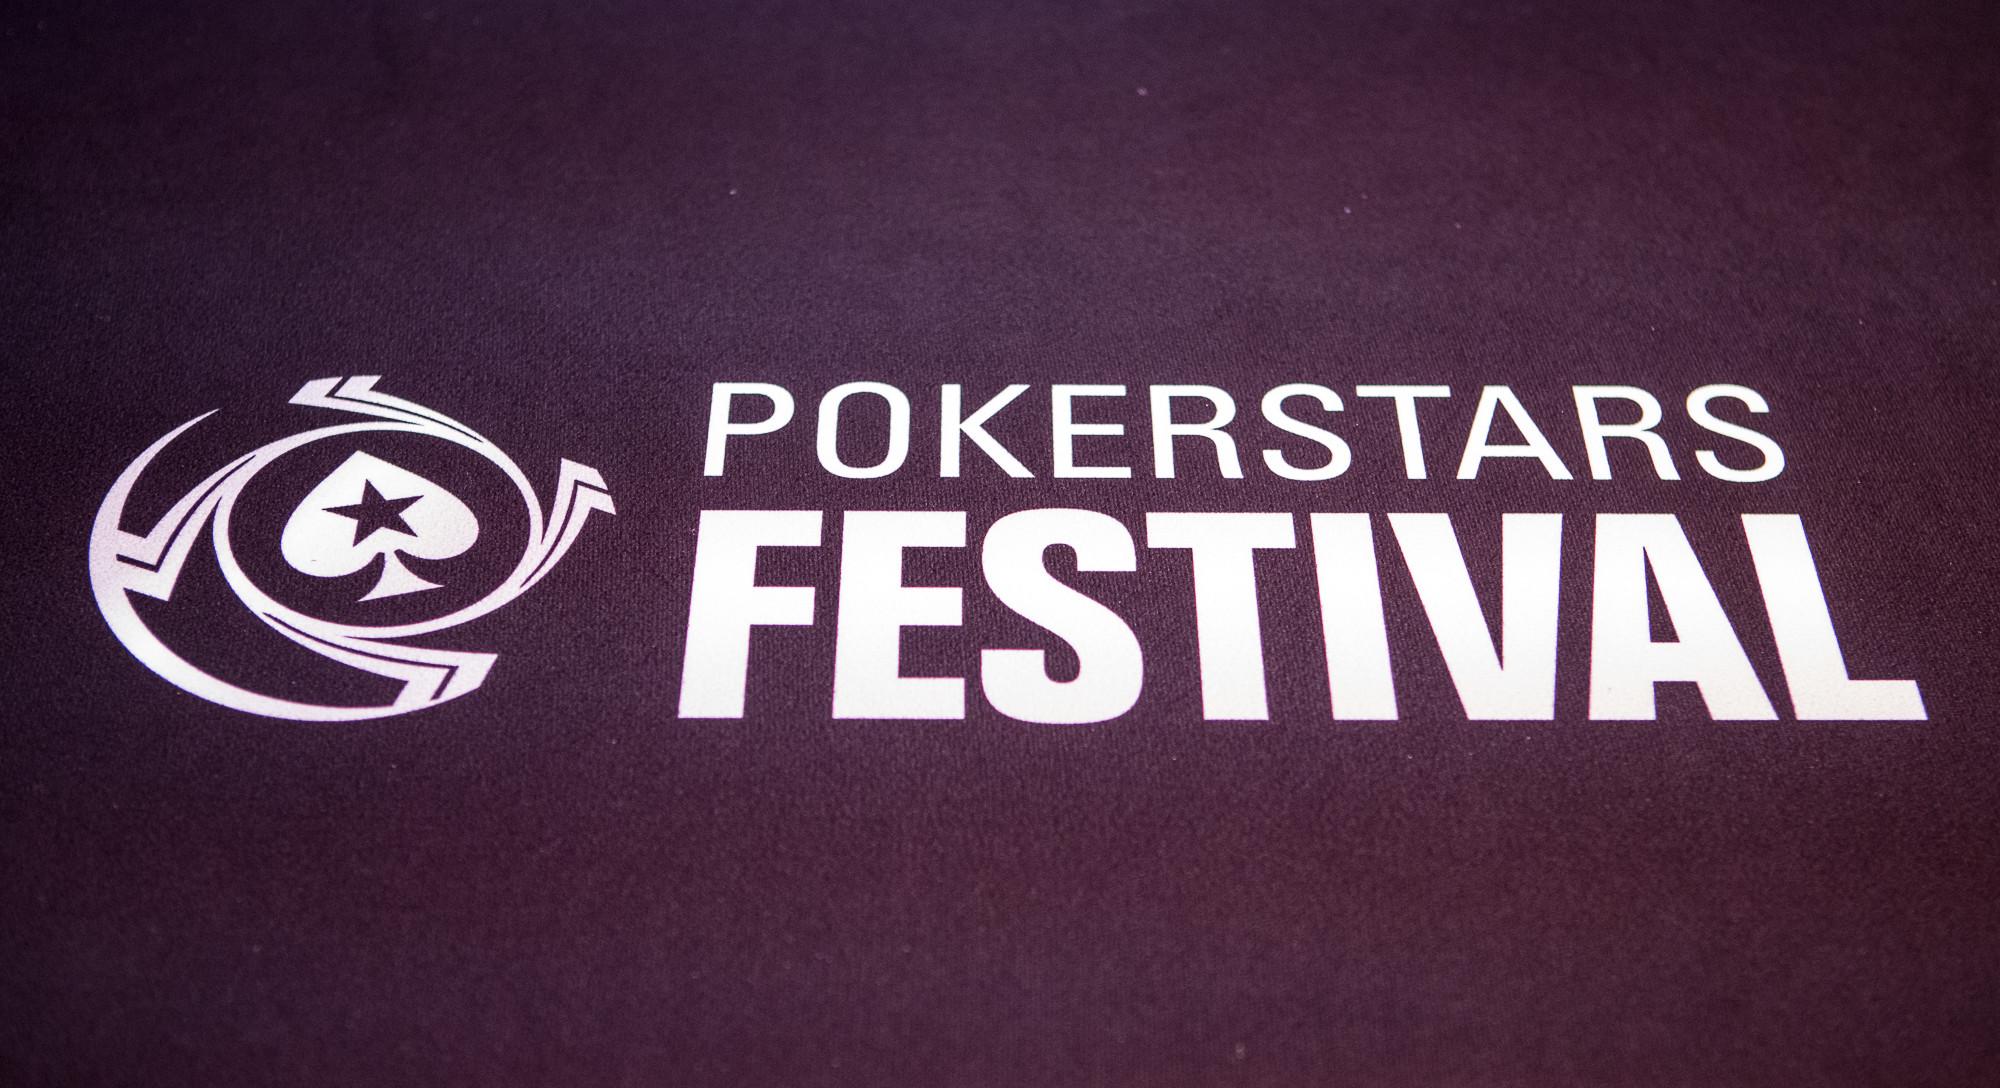 PokerStars Festival Logo